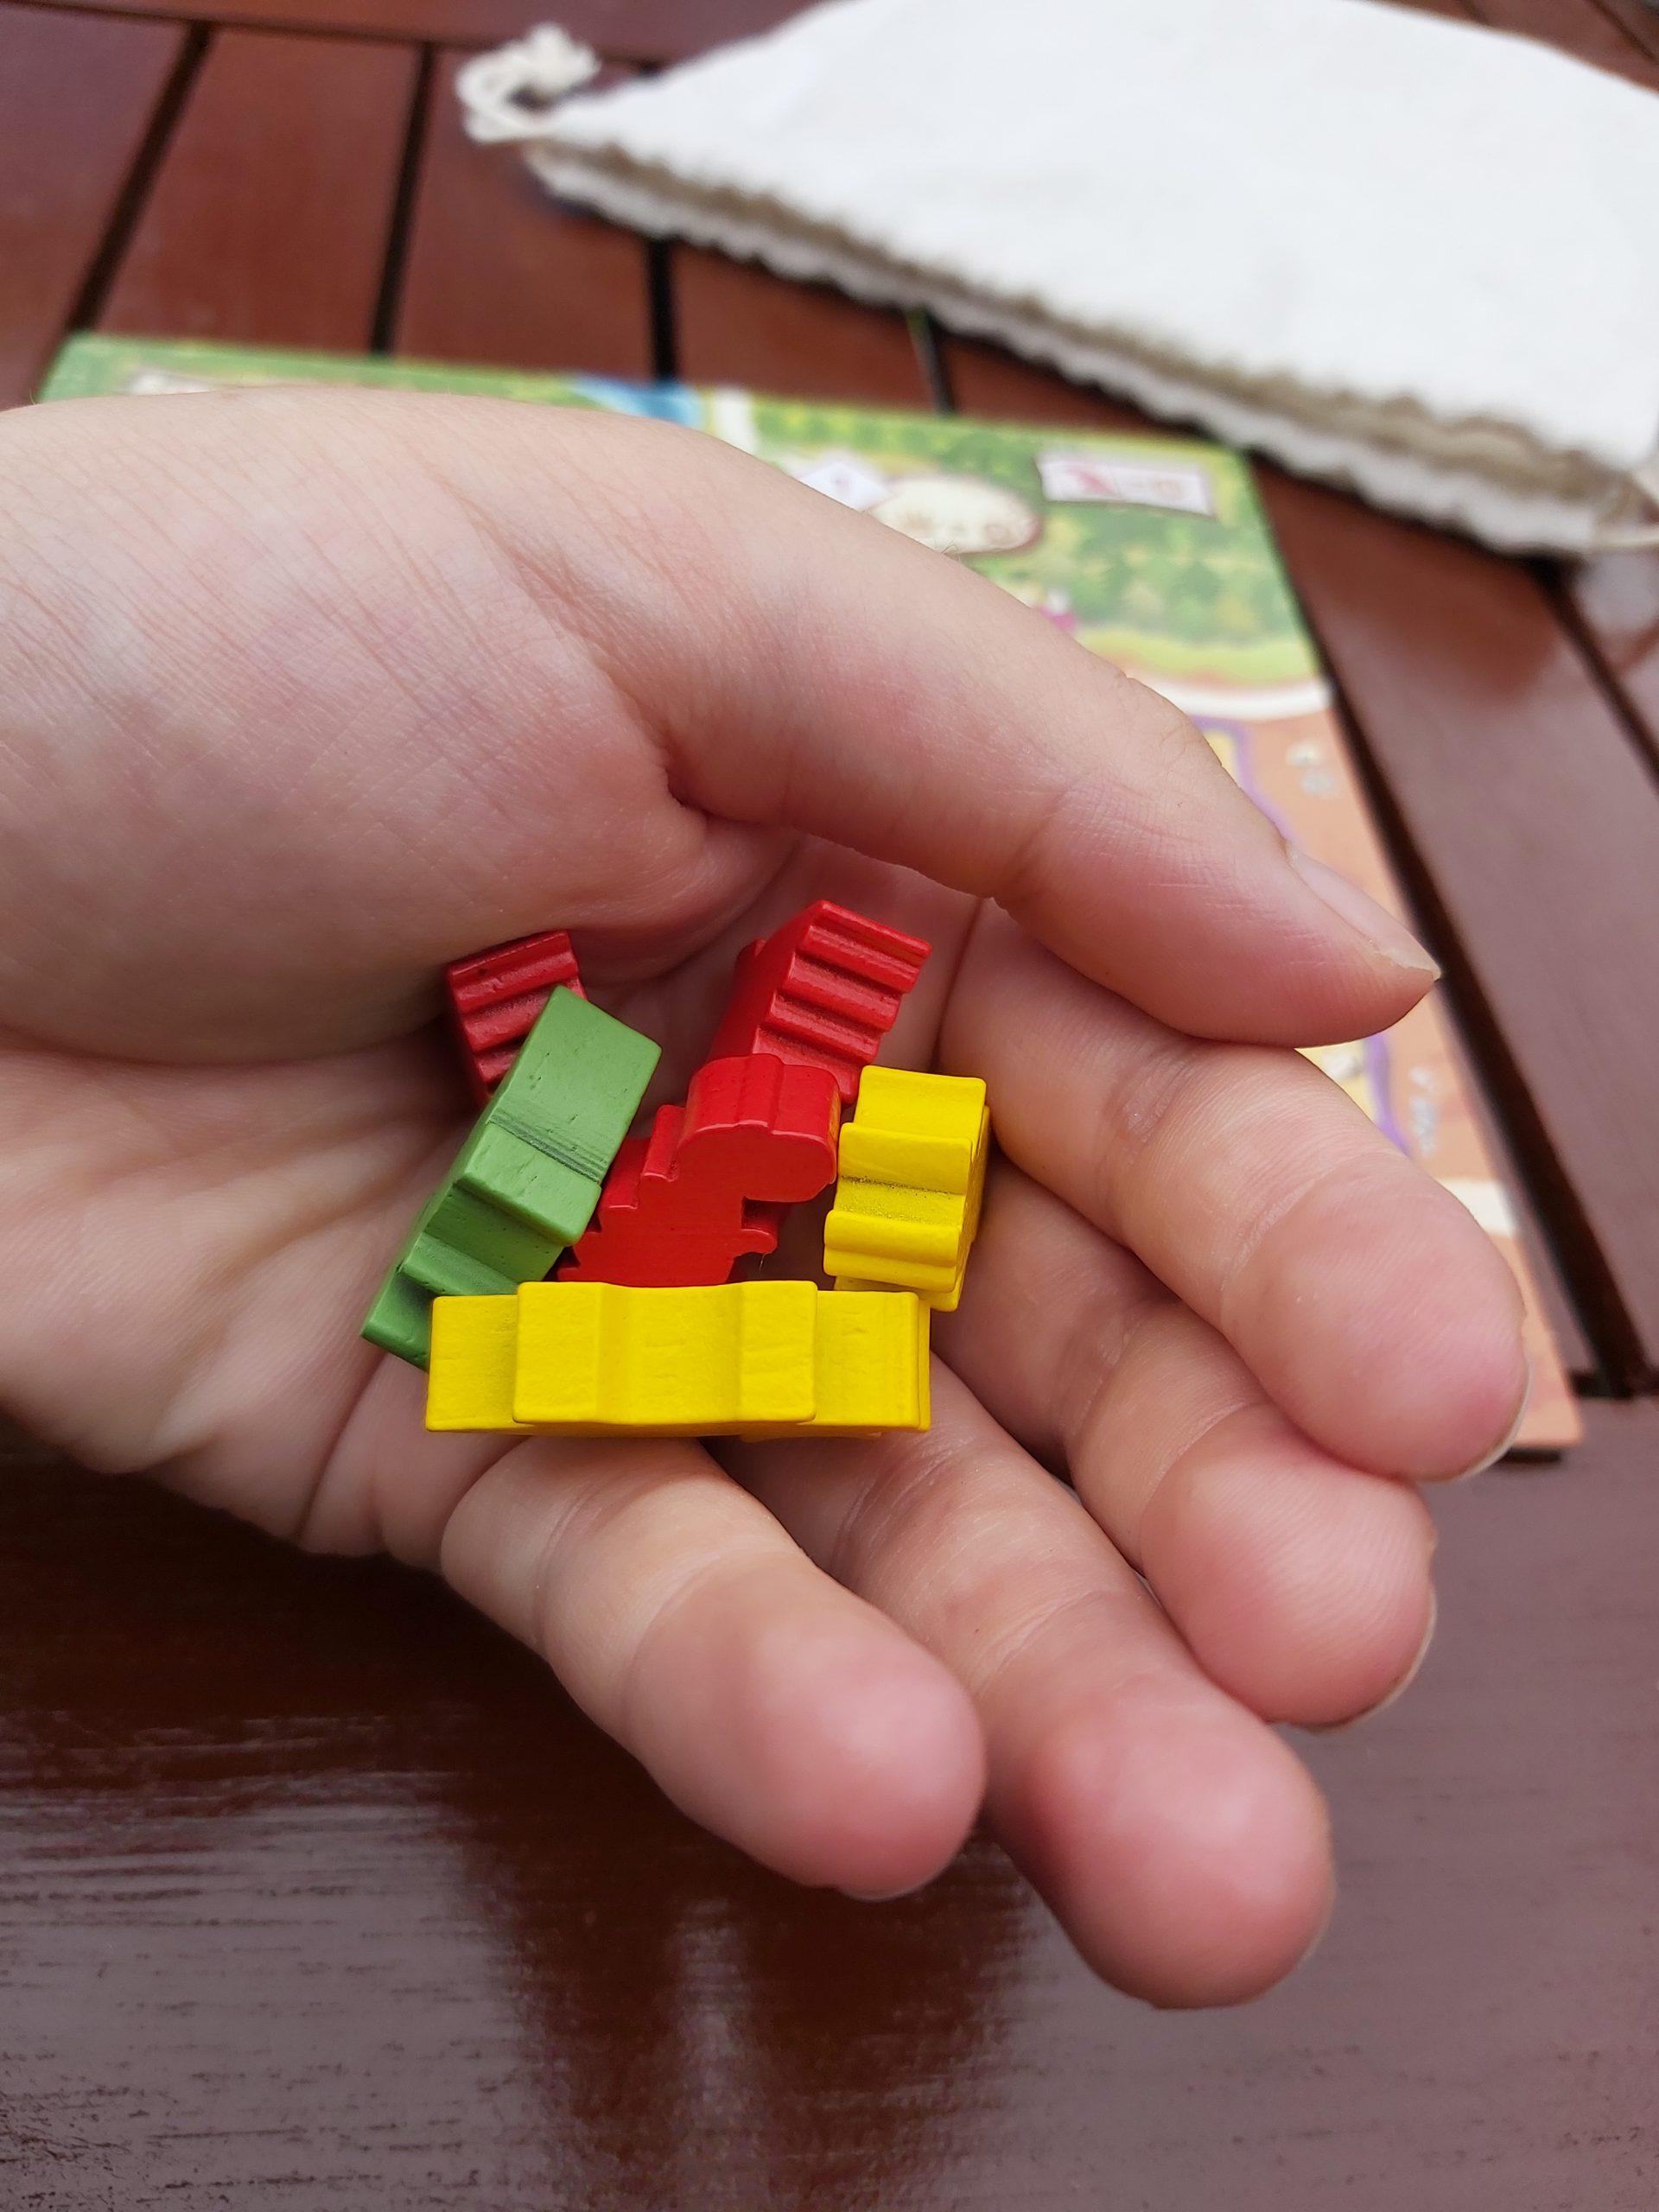 Zu sehen ist eine Hand, die verschiedene Dino Meeple hält